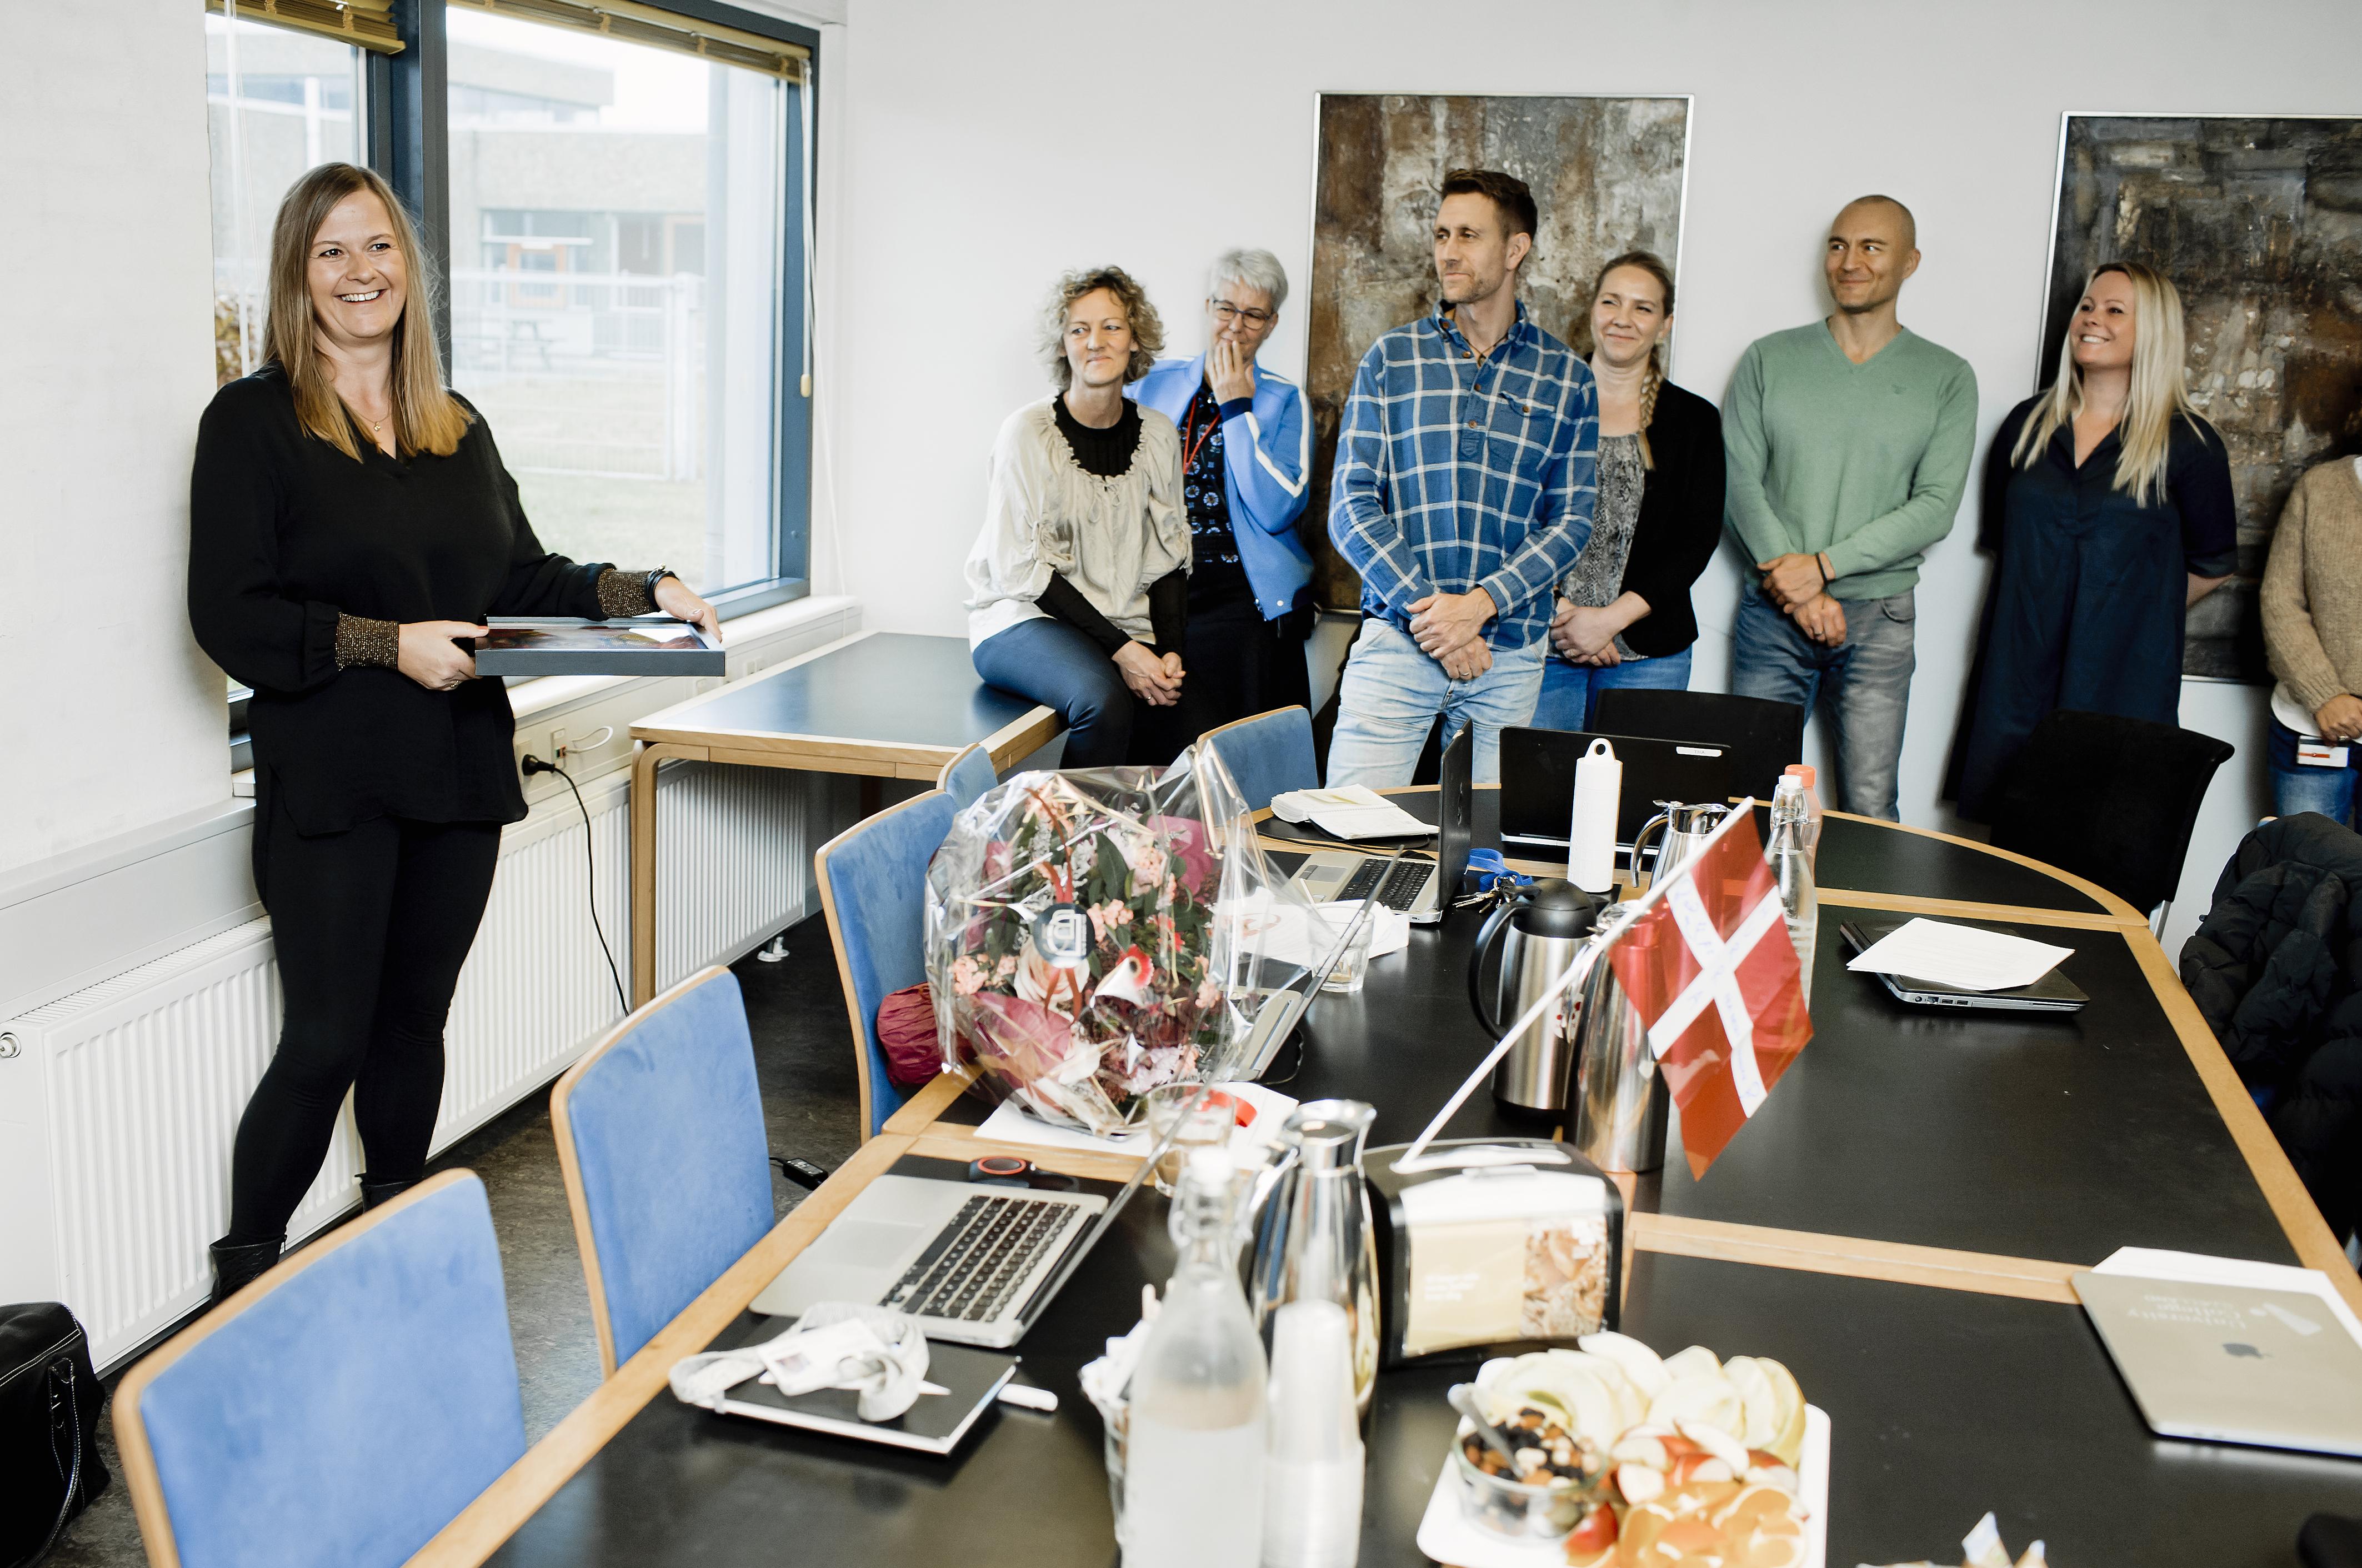 Det var en glad Line Lindahl-Jacobsen, der i dag - mandag den 18. november modtog årets Ropox-pris på Professionshøjskolen Absalon.